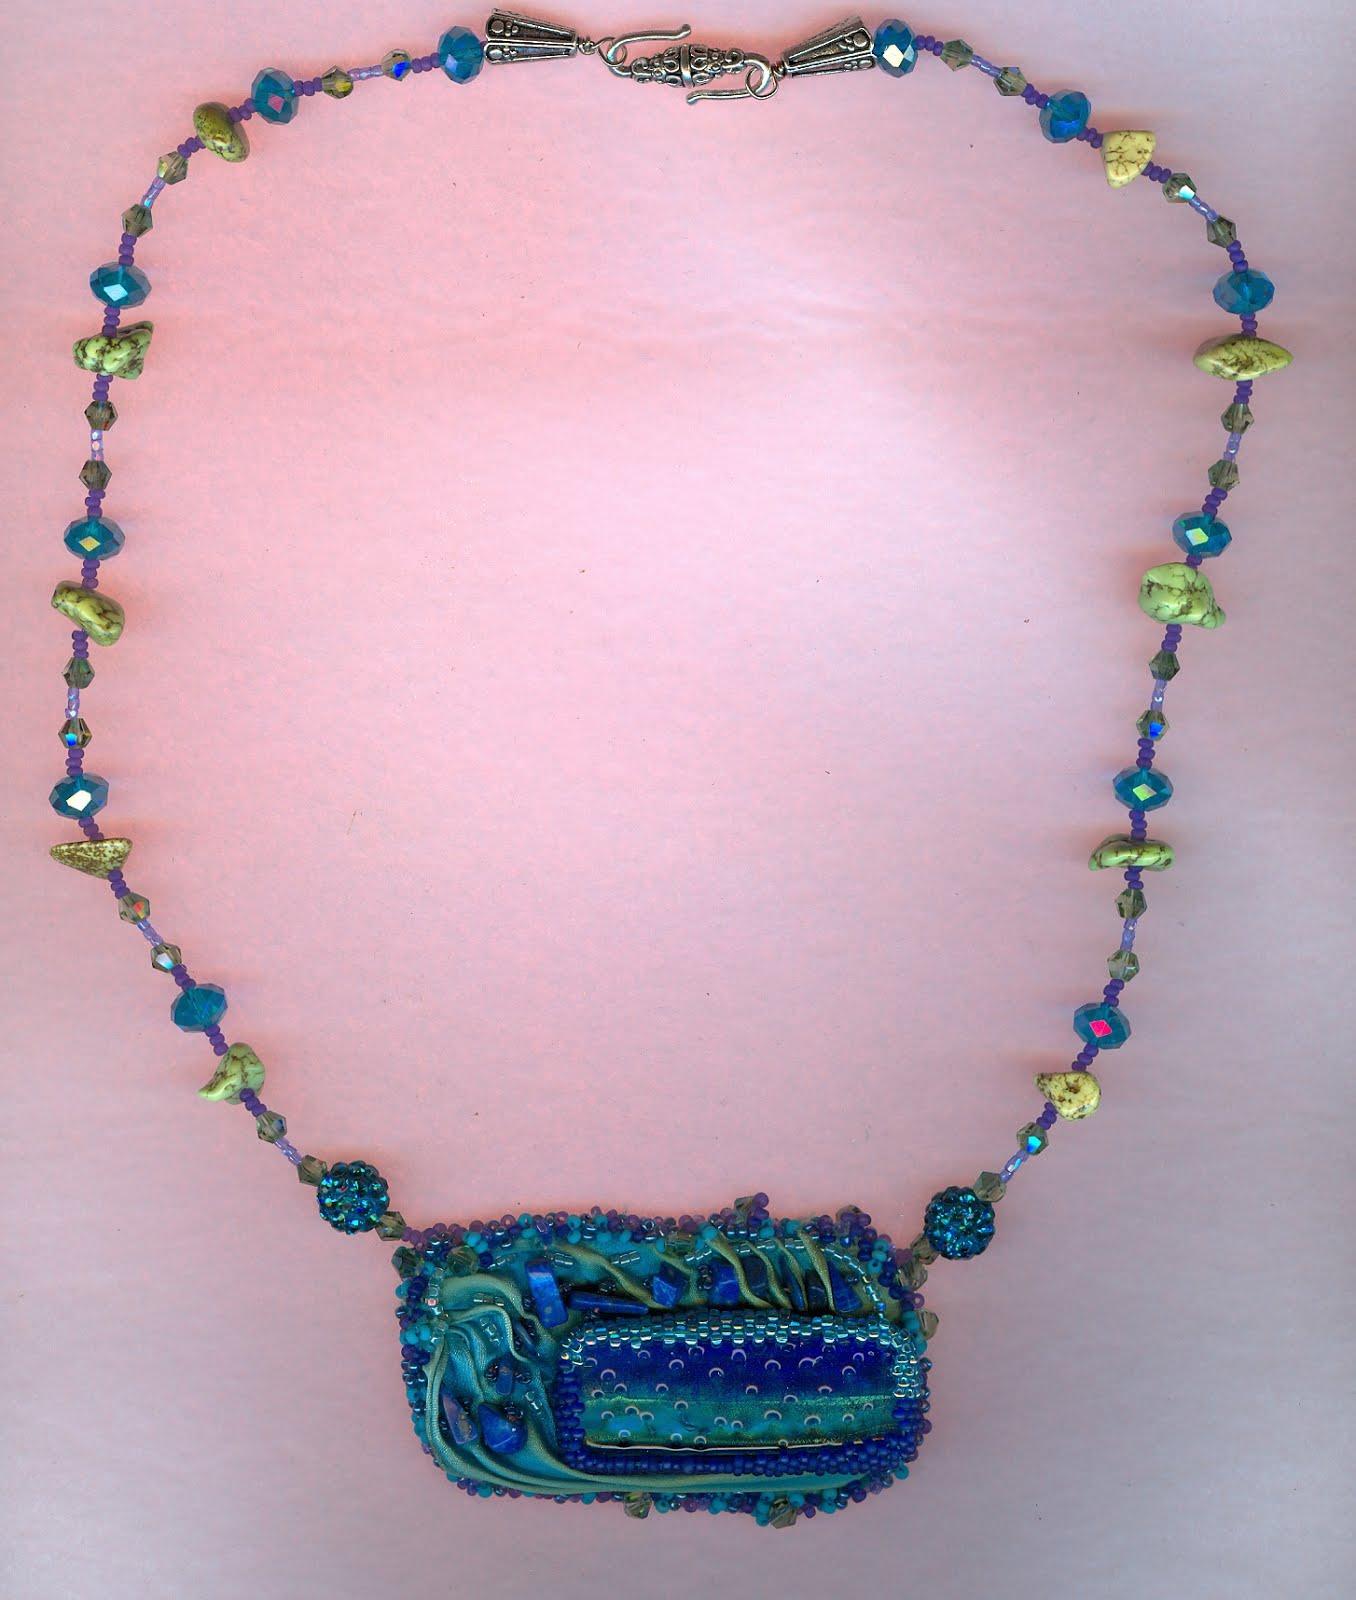 Diachroic glass shibori silk turquoise necklace